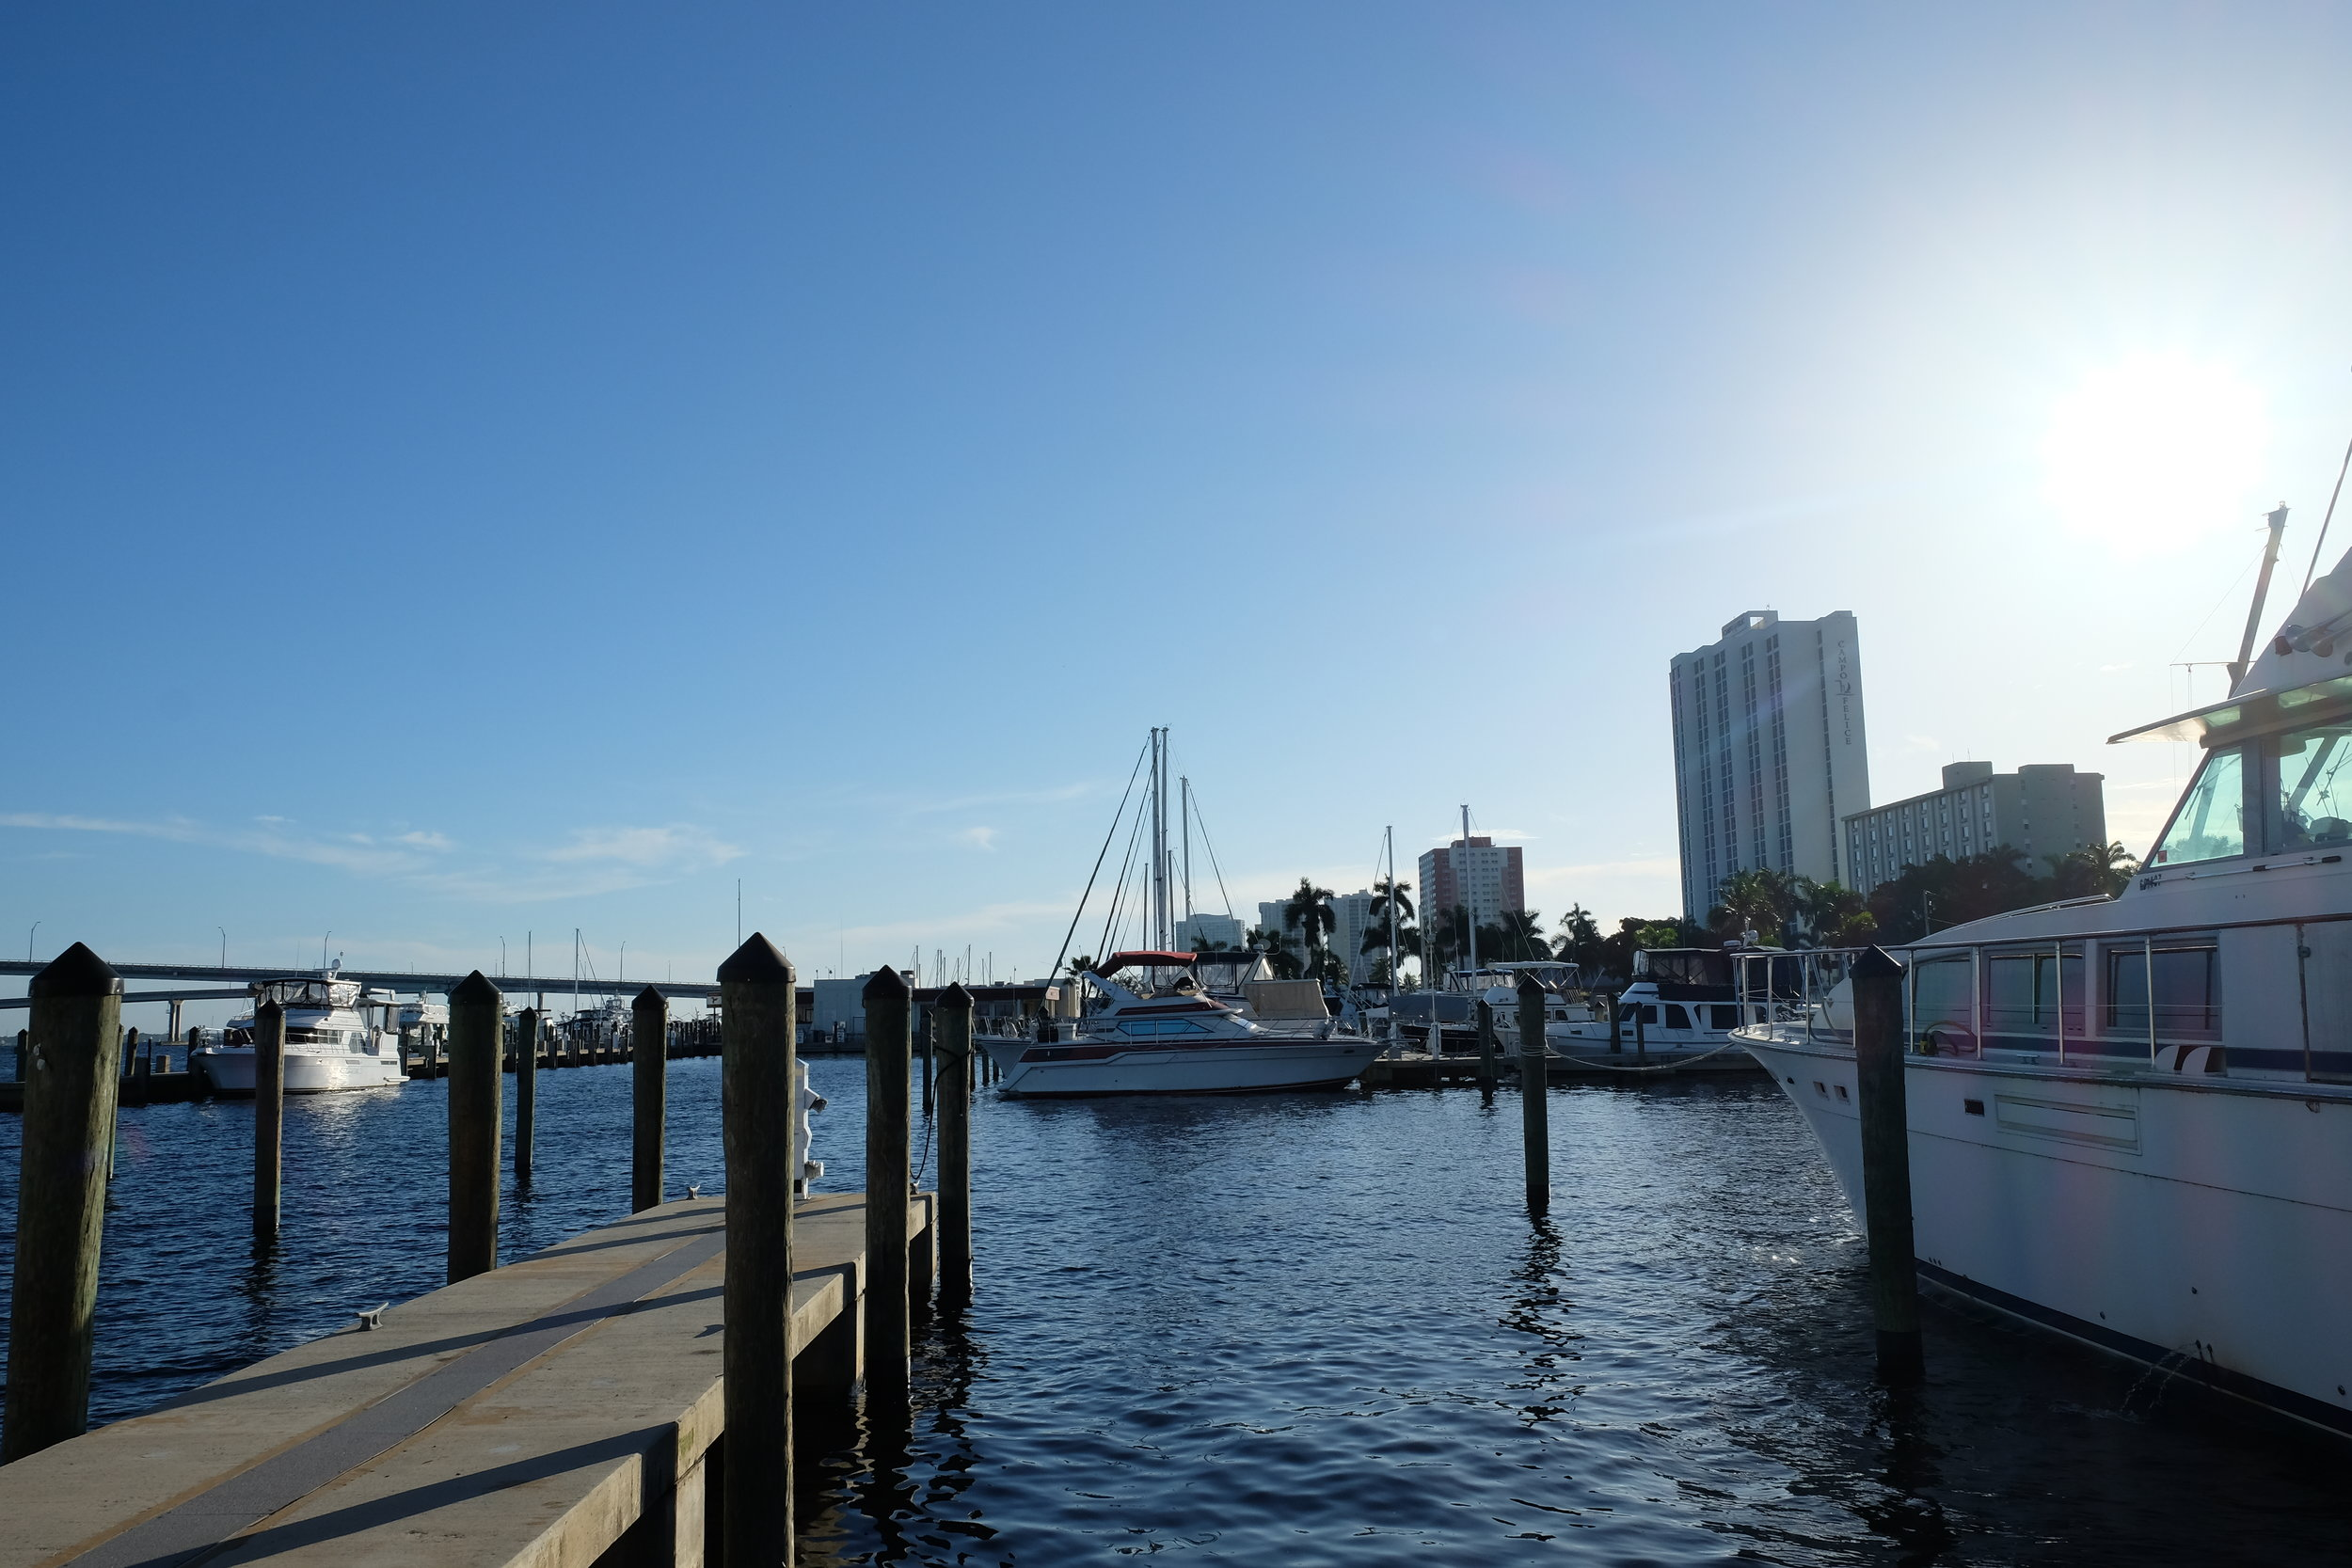 Downtown Fort Myers: Centennial Park